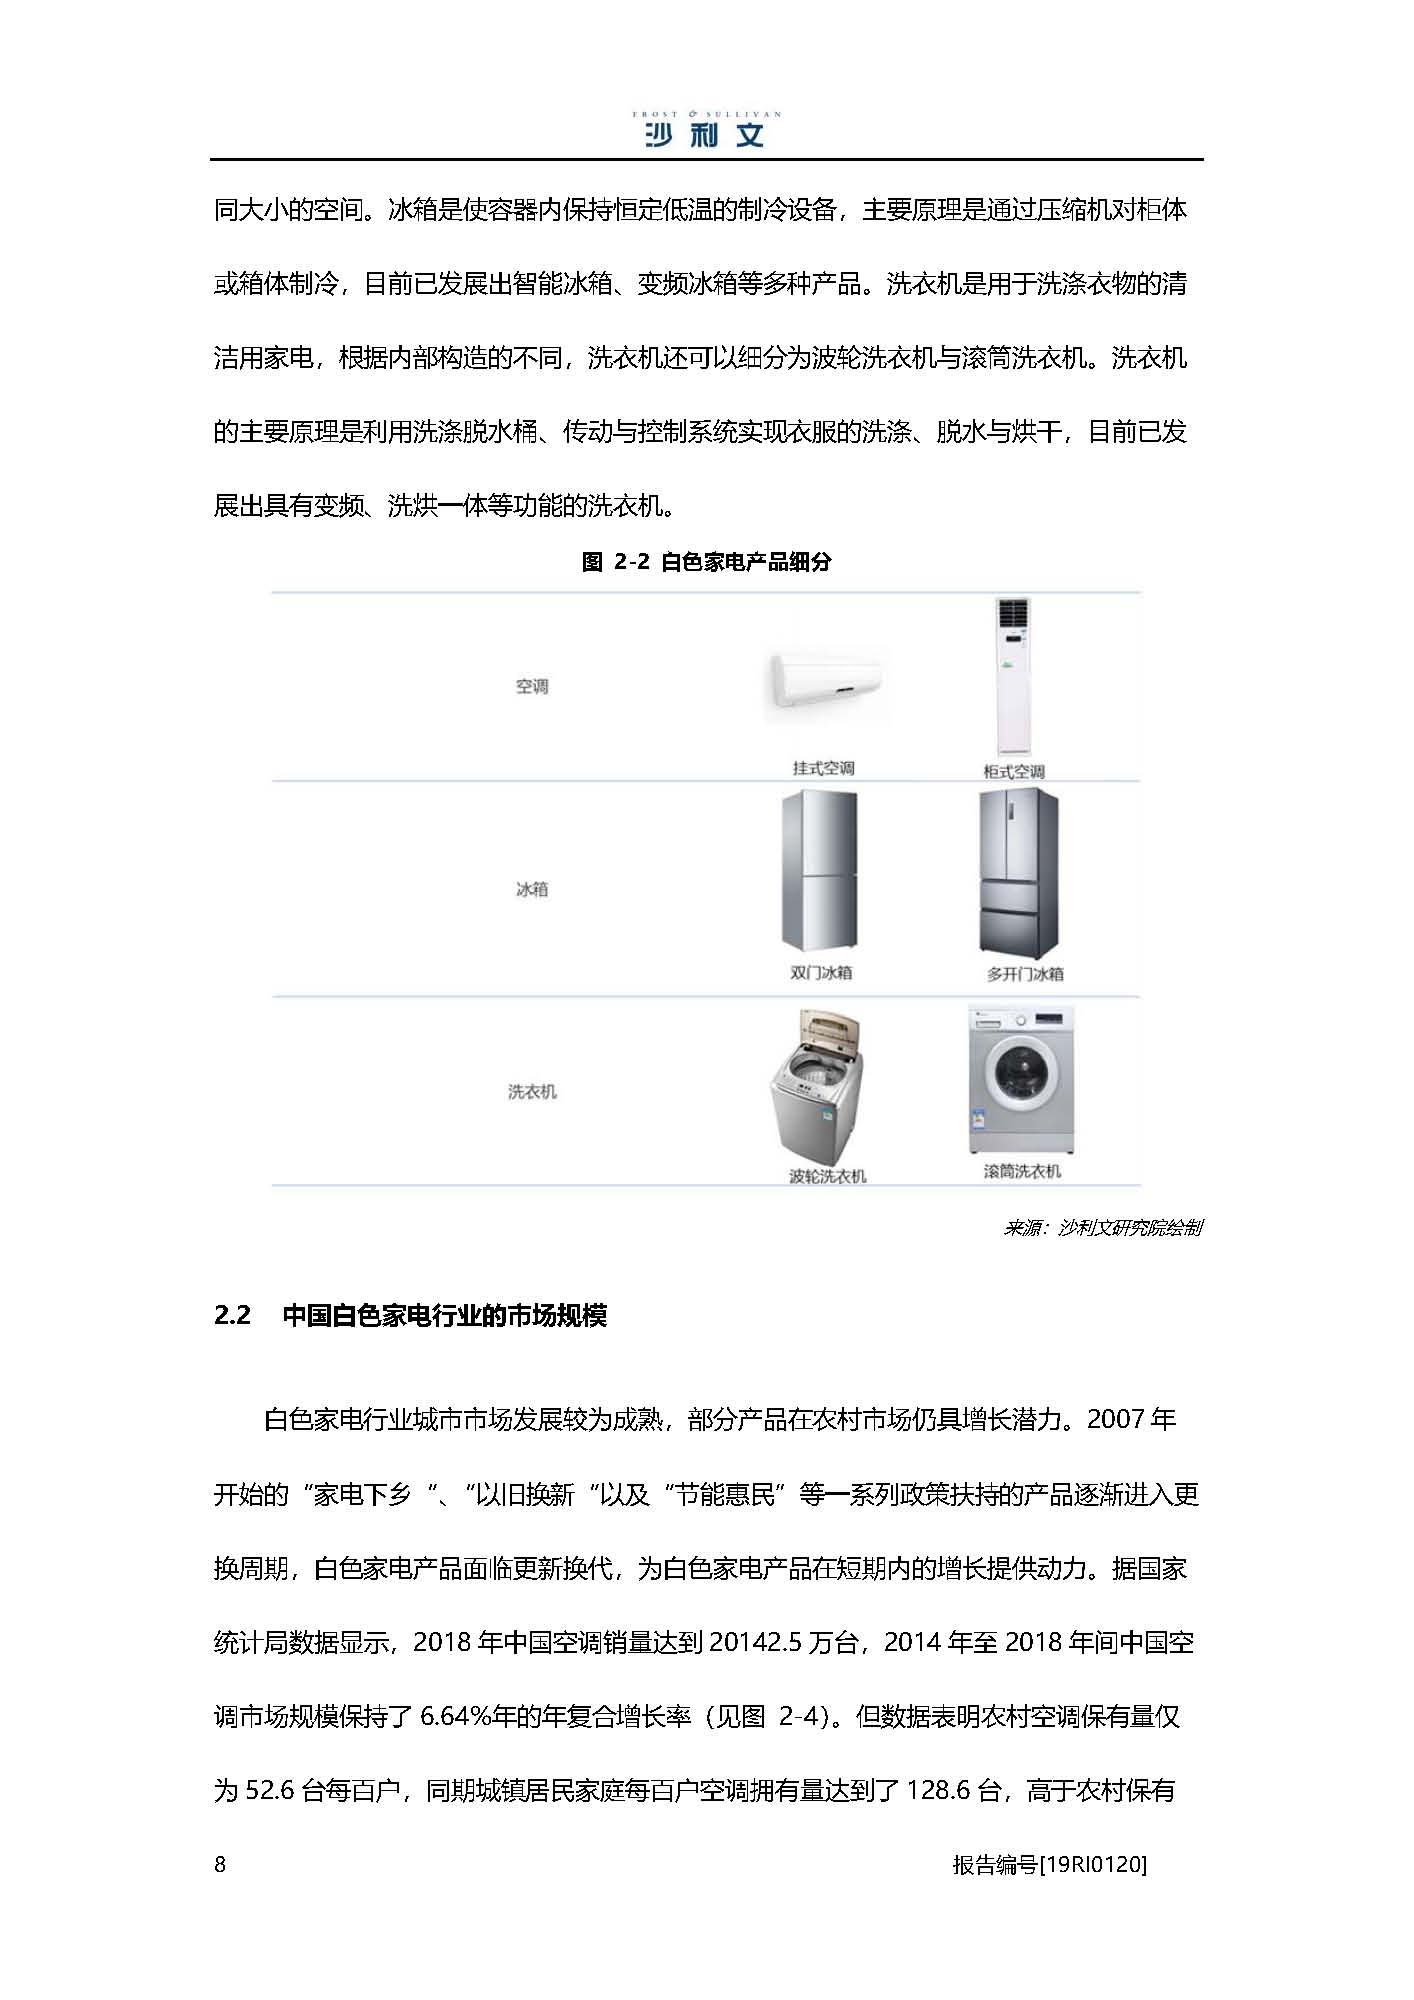 大数据研究报告,沙利文,2019中国白色家电行业市场研究!